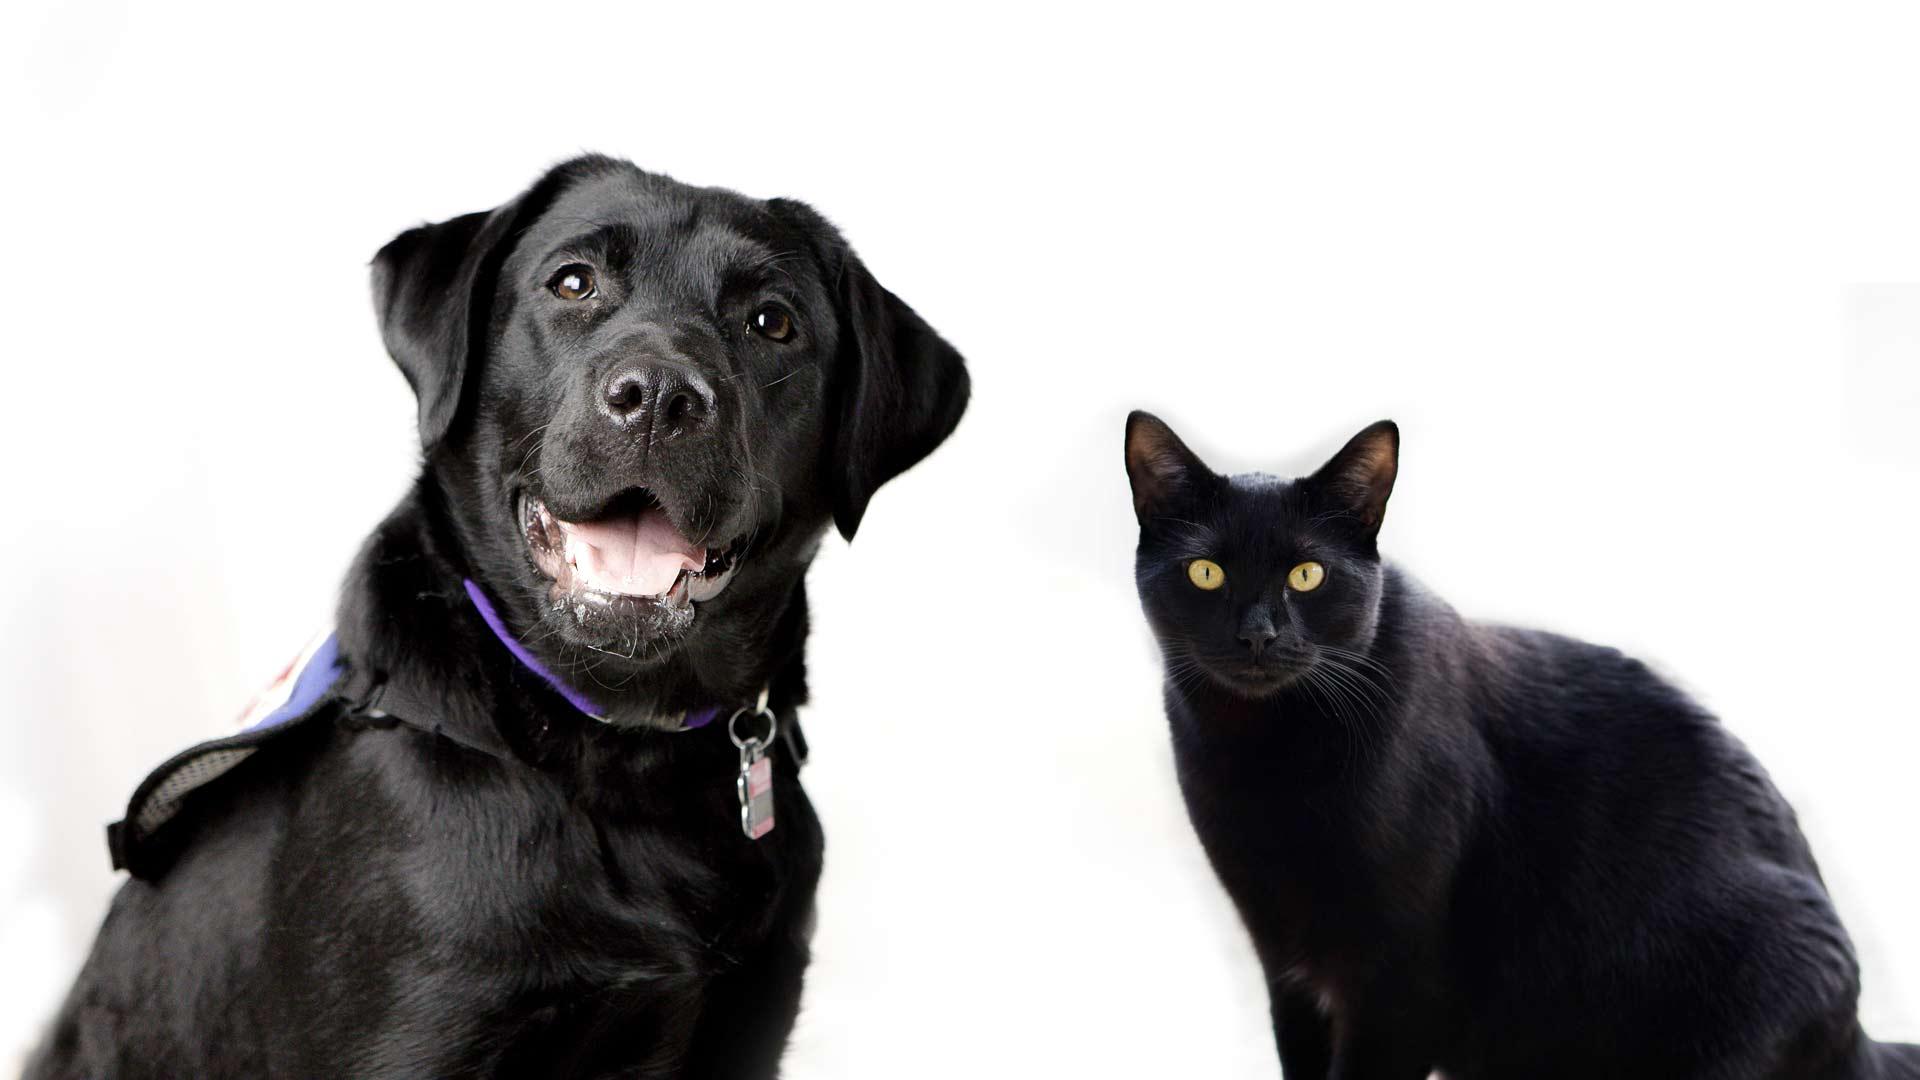 piden-no-dar-en-adopcion-a-perros-y-gatos-en-octubre-por-rituales-160494